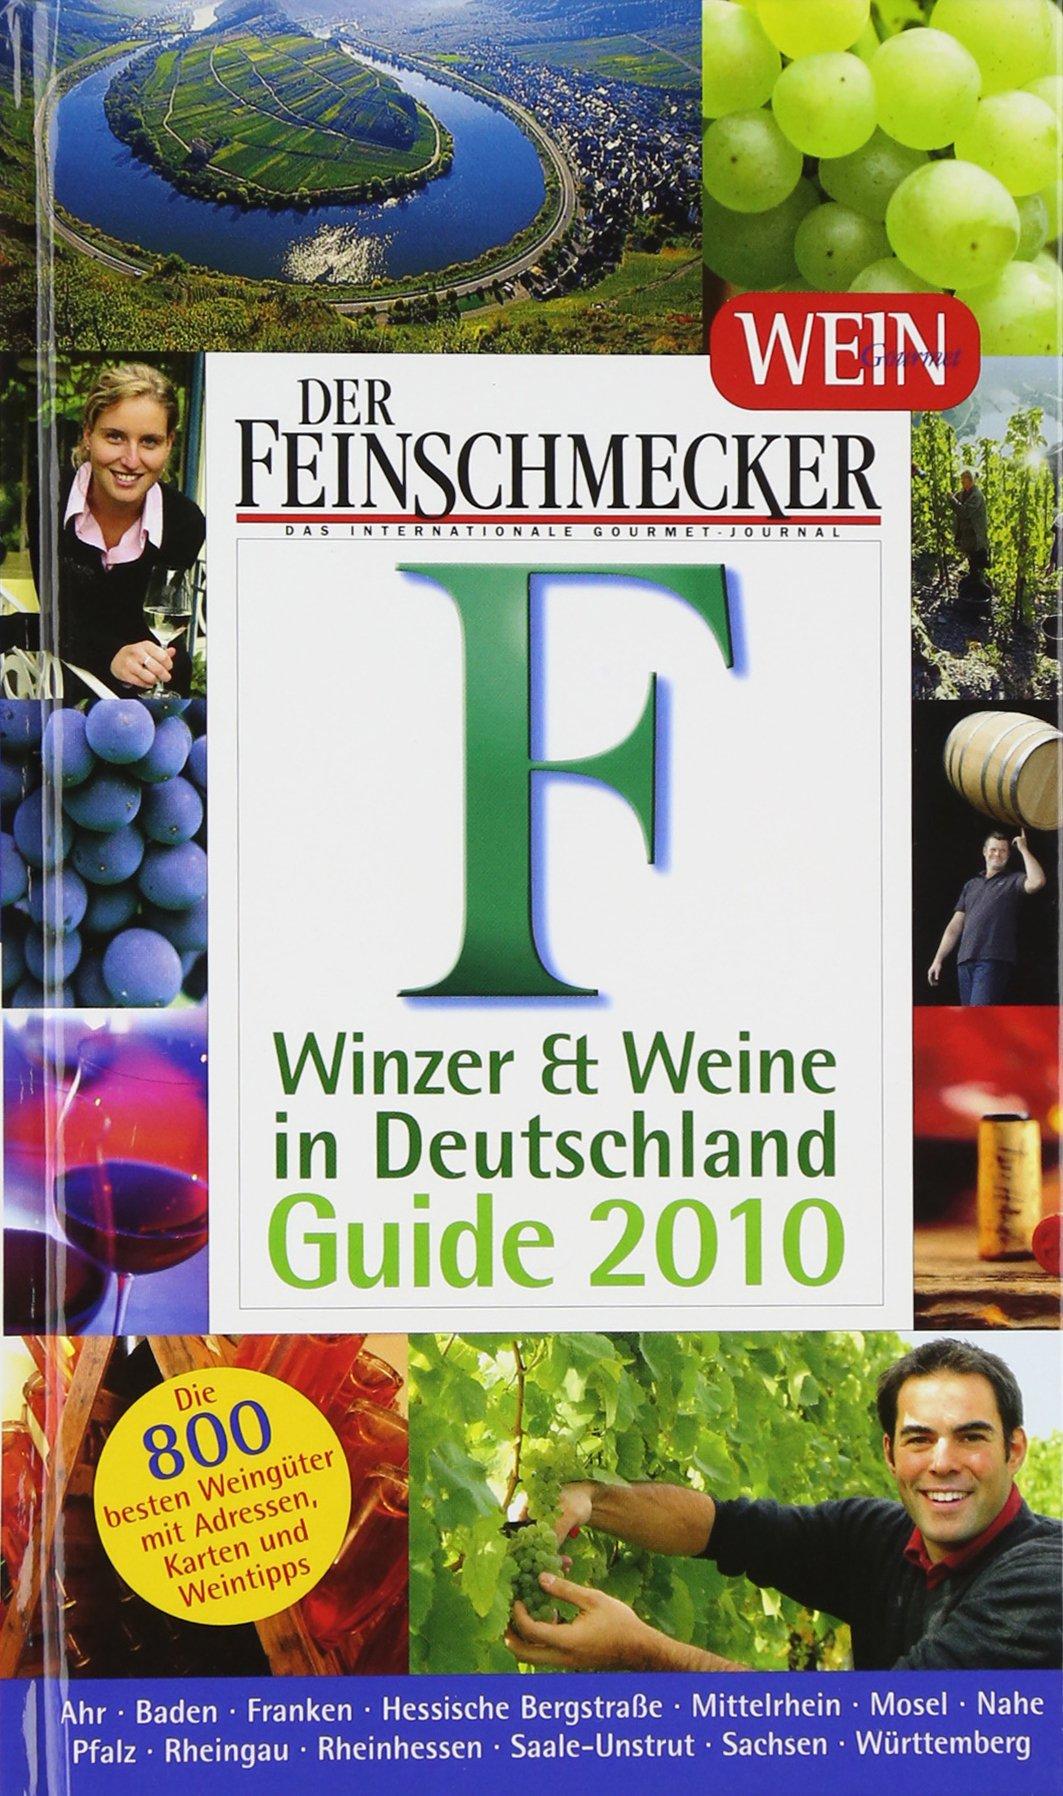 feinschmecker-guide-winzer-und-weine-in-deutschland-2010-feinschmecker-restaurantfhrer